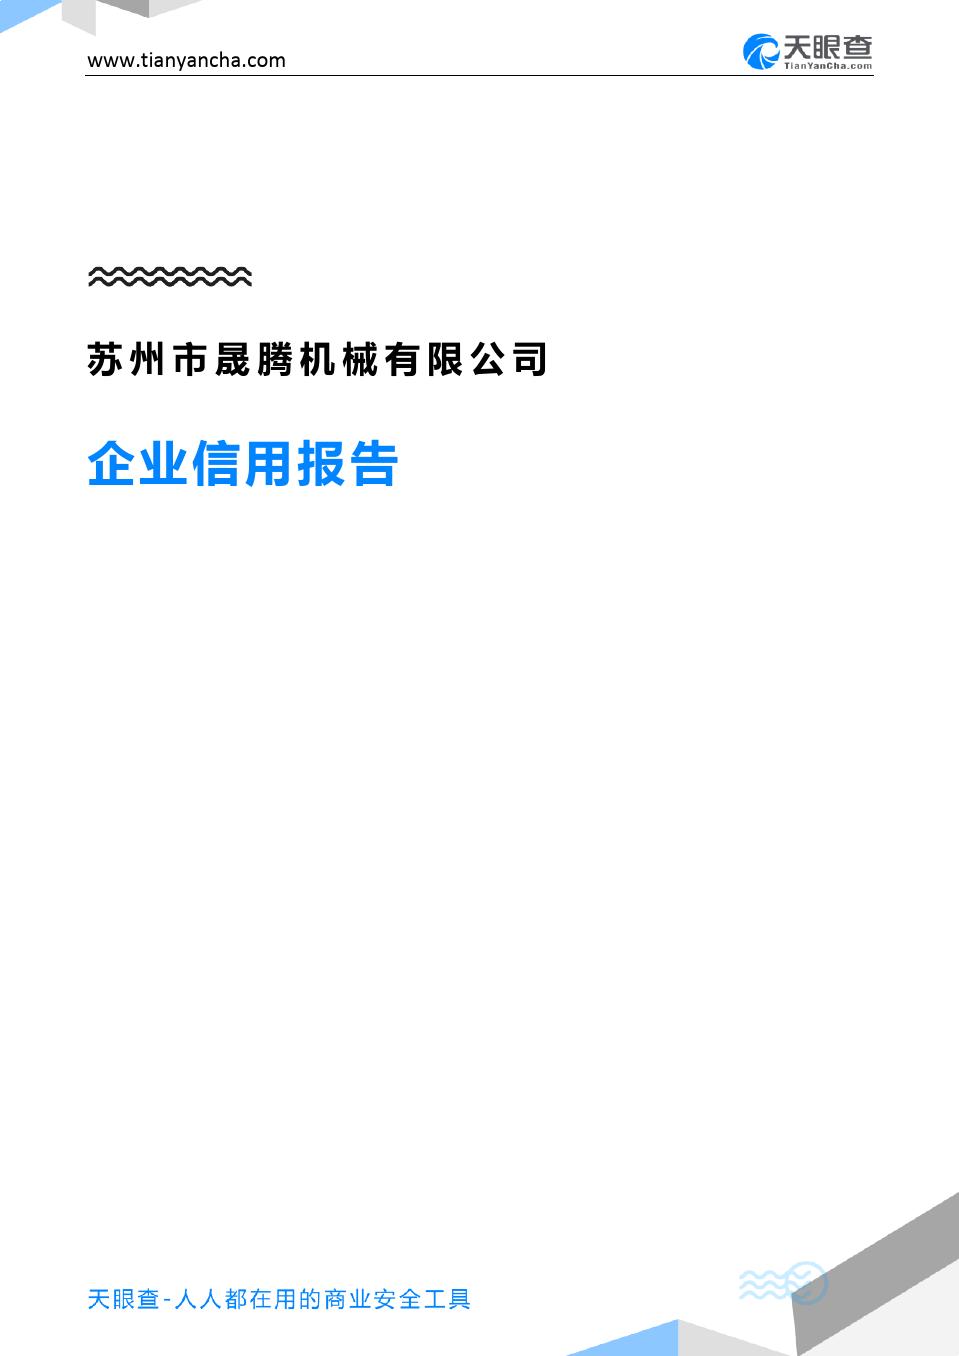 苏州市晟腾机械有限公司(企业信用报告)- 天眼查